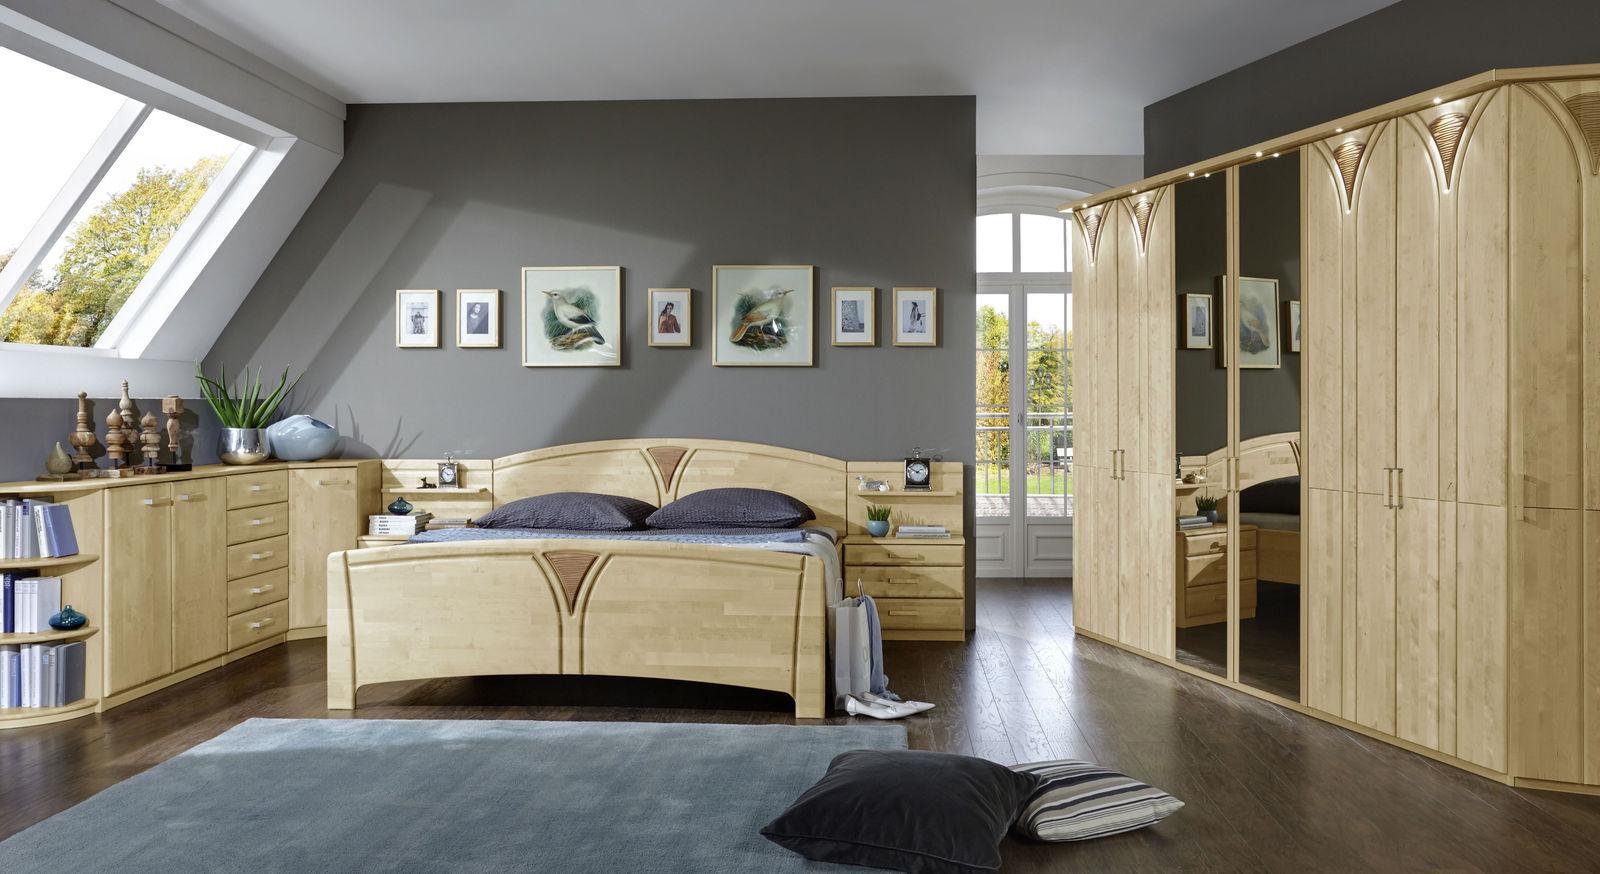 schlafzimmer komplett birke teilmassiv mit viel stauraum karia. Black Bedroom Furniture Sets. Home Design Ideas